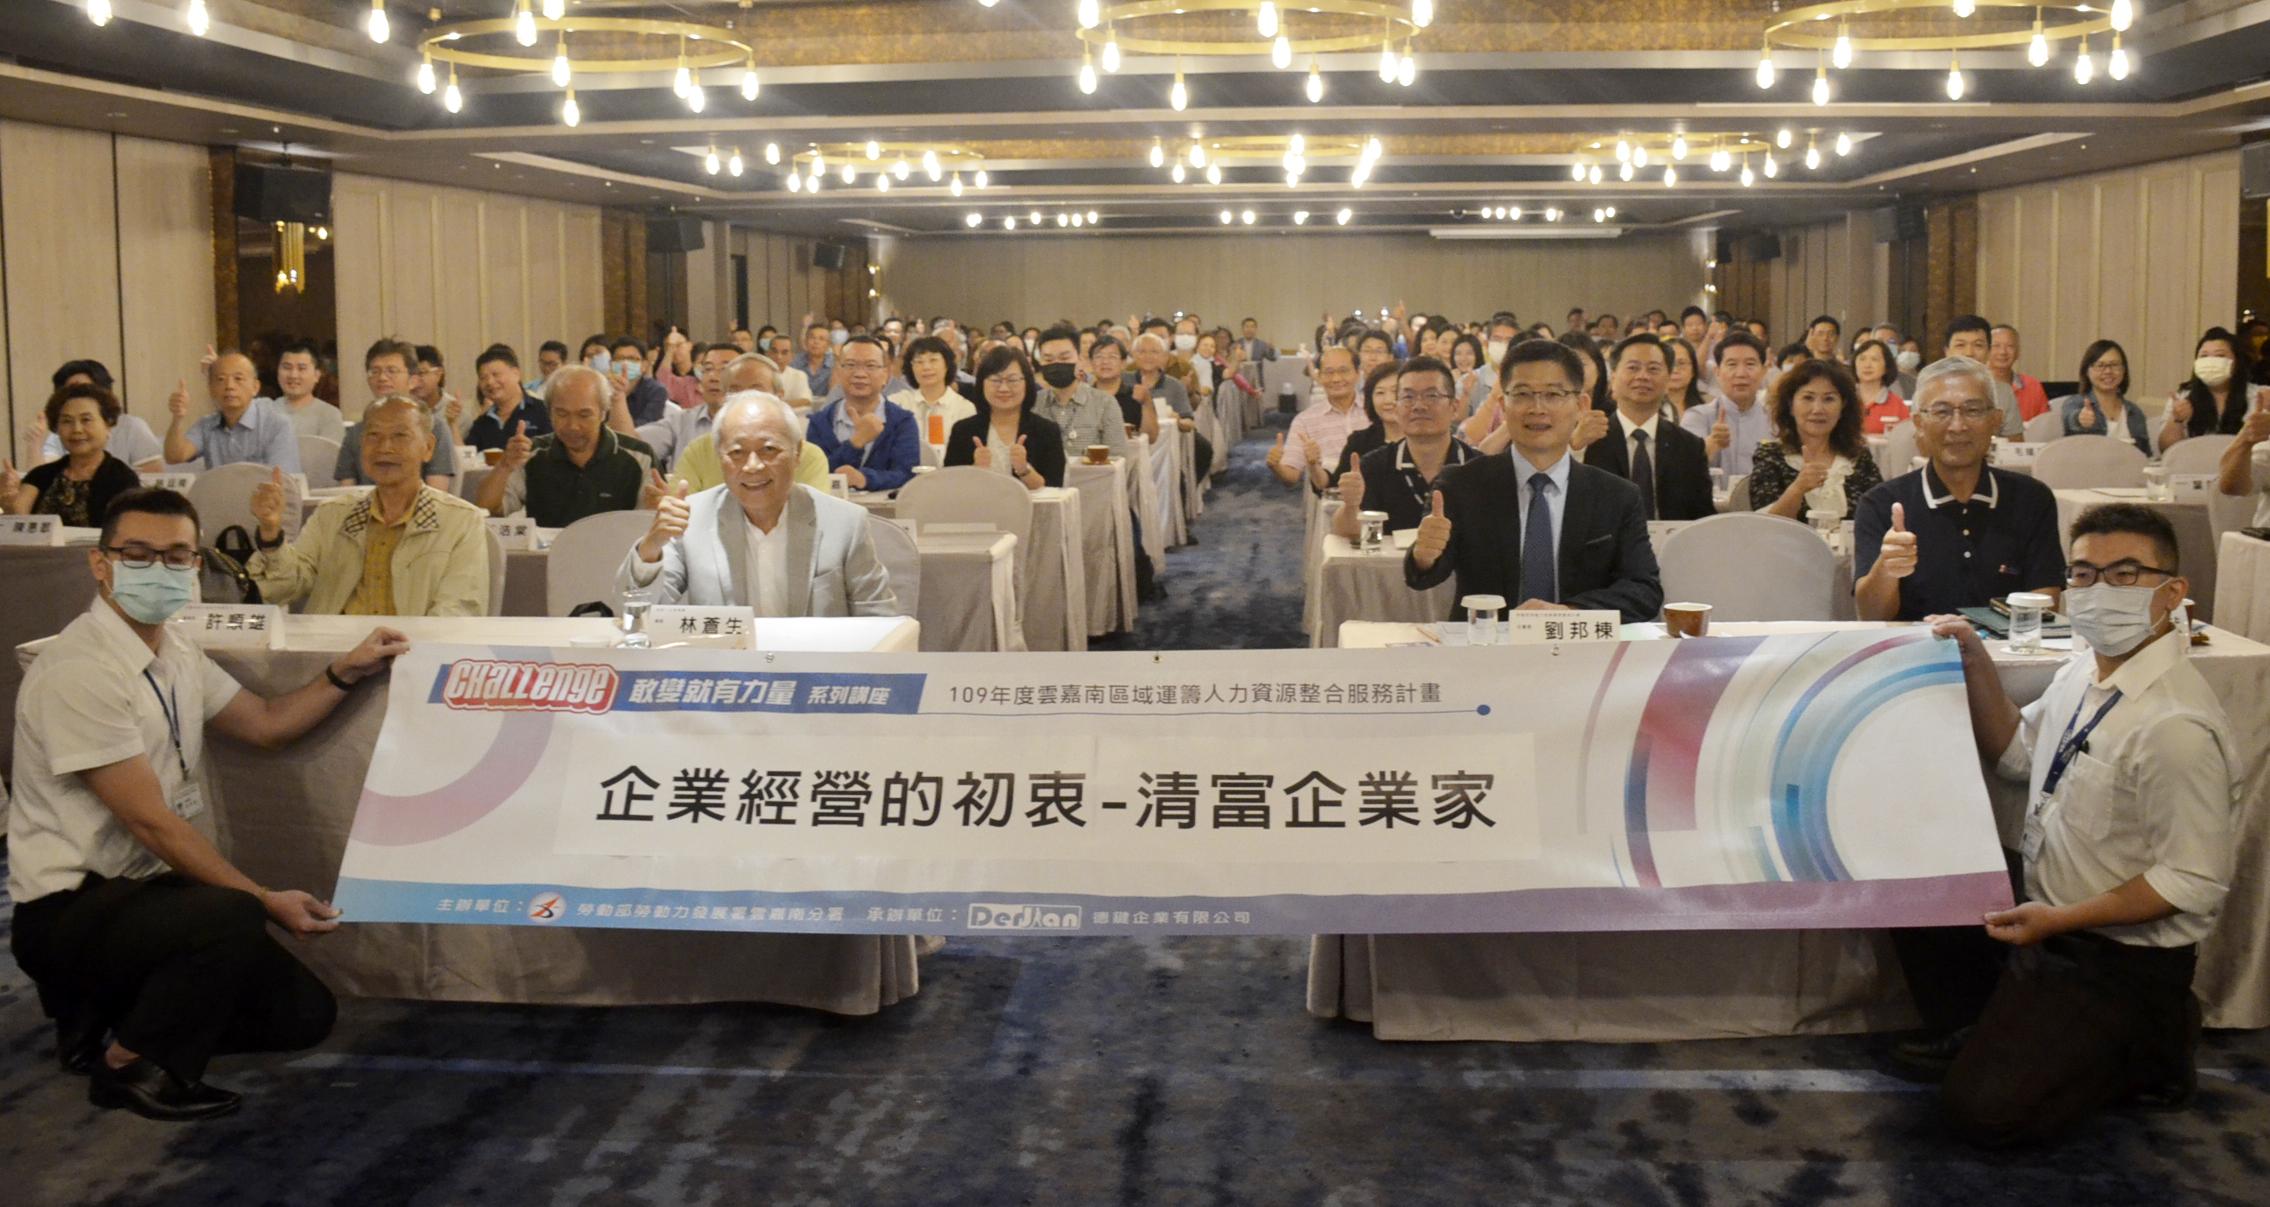 ▲統一企業前總裁林蒼生應勞動部之邀分享經營理念,吸引超過150位公司中高階主管到場聆聽。